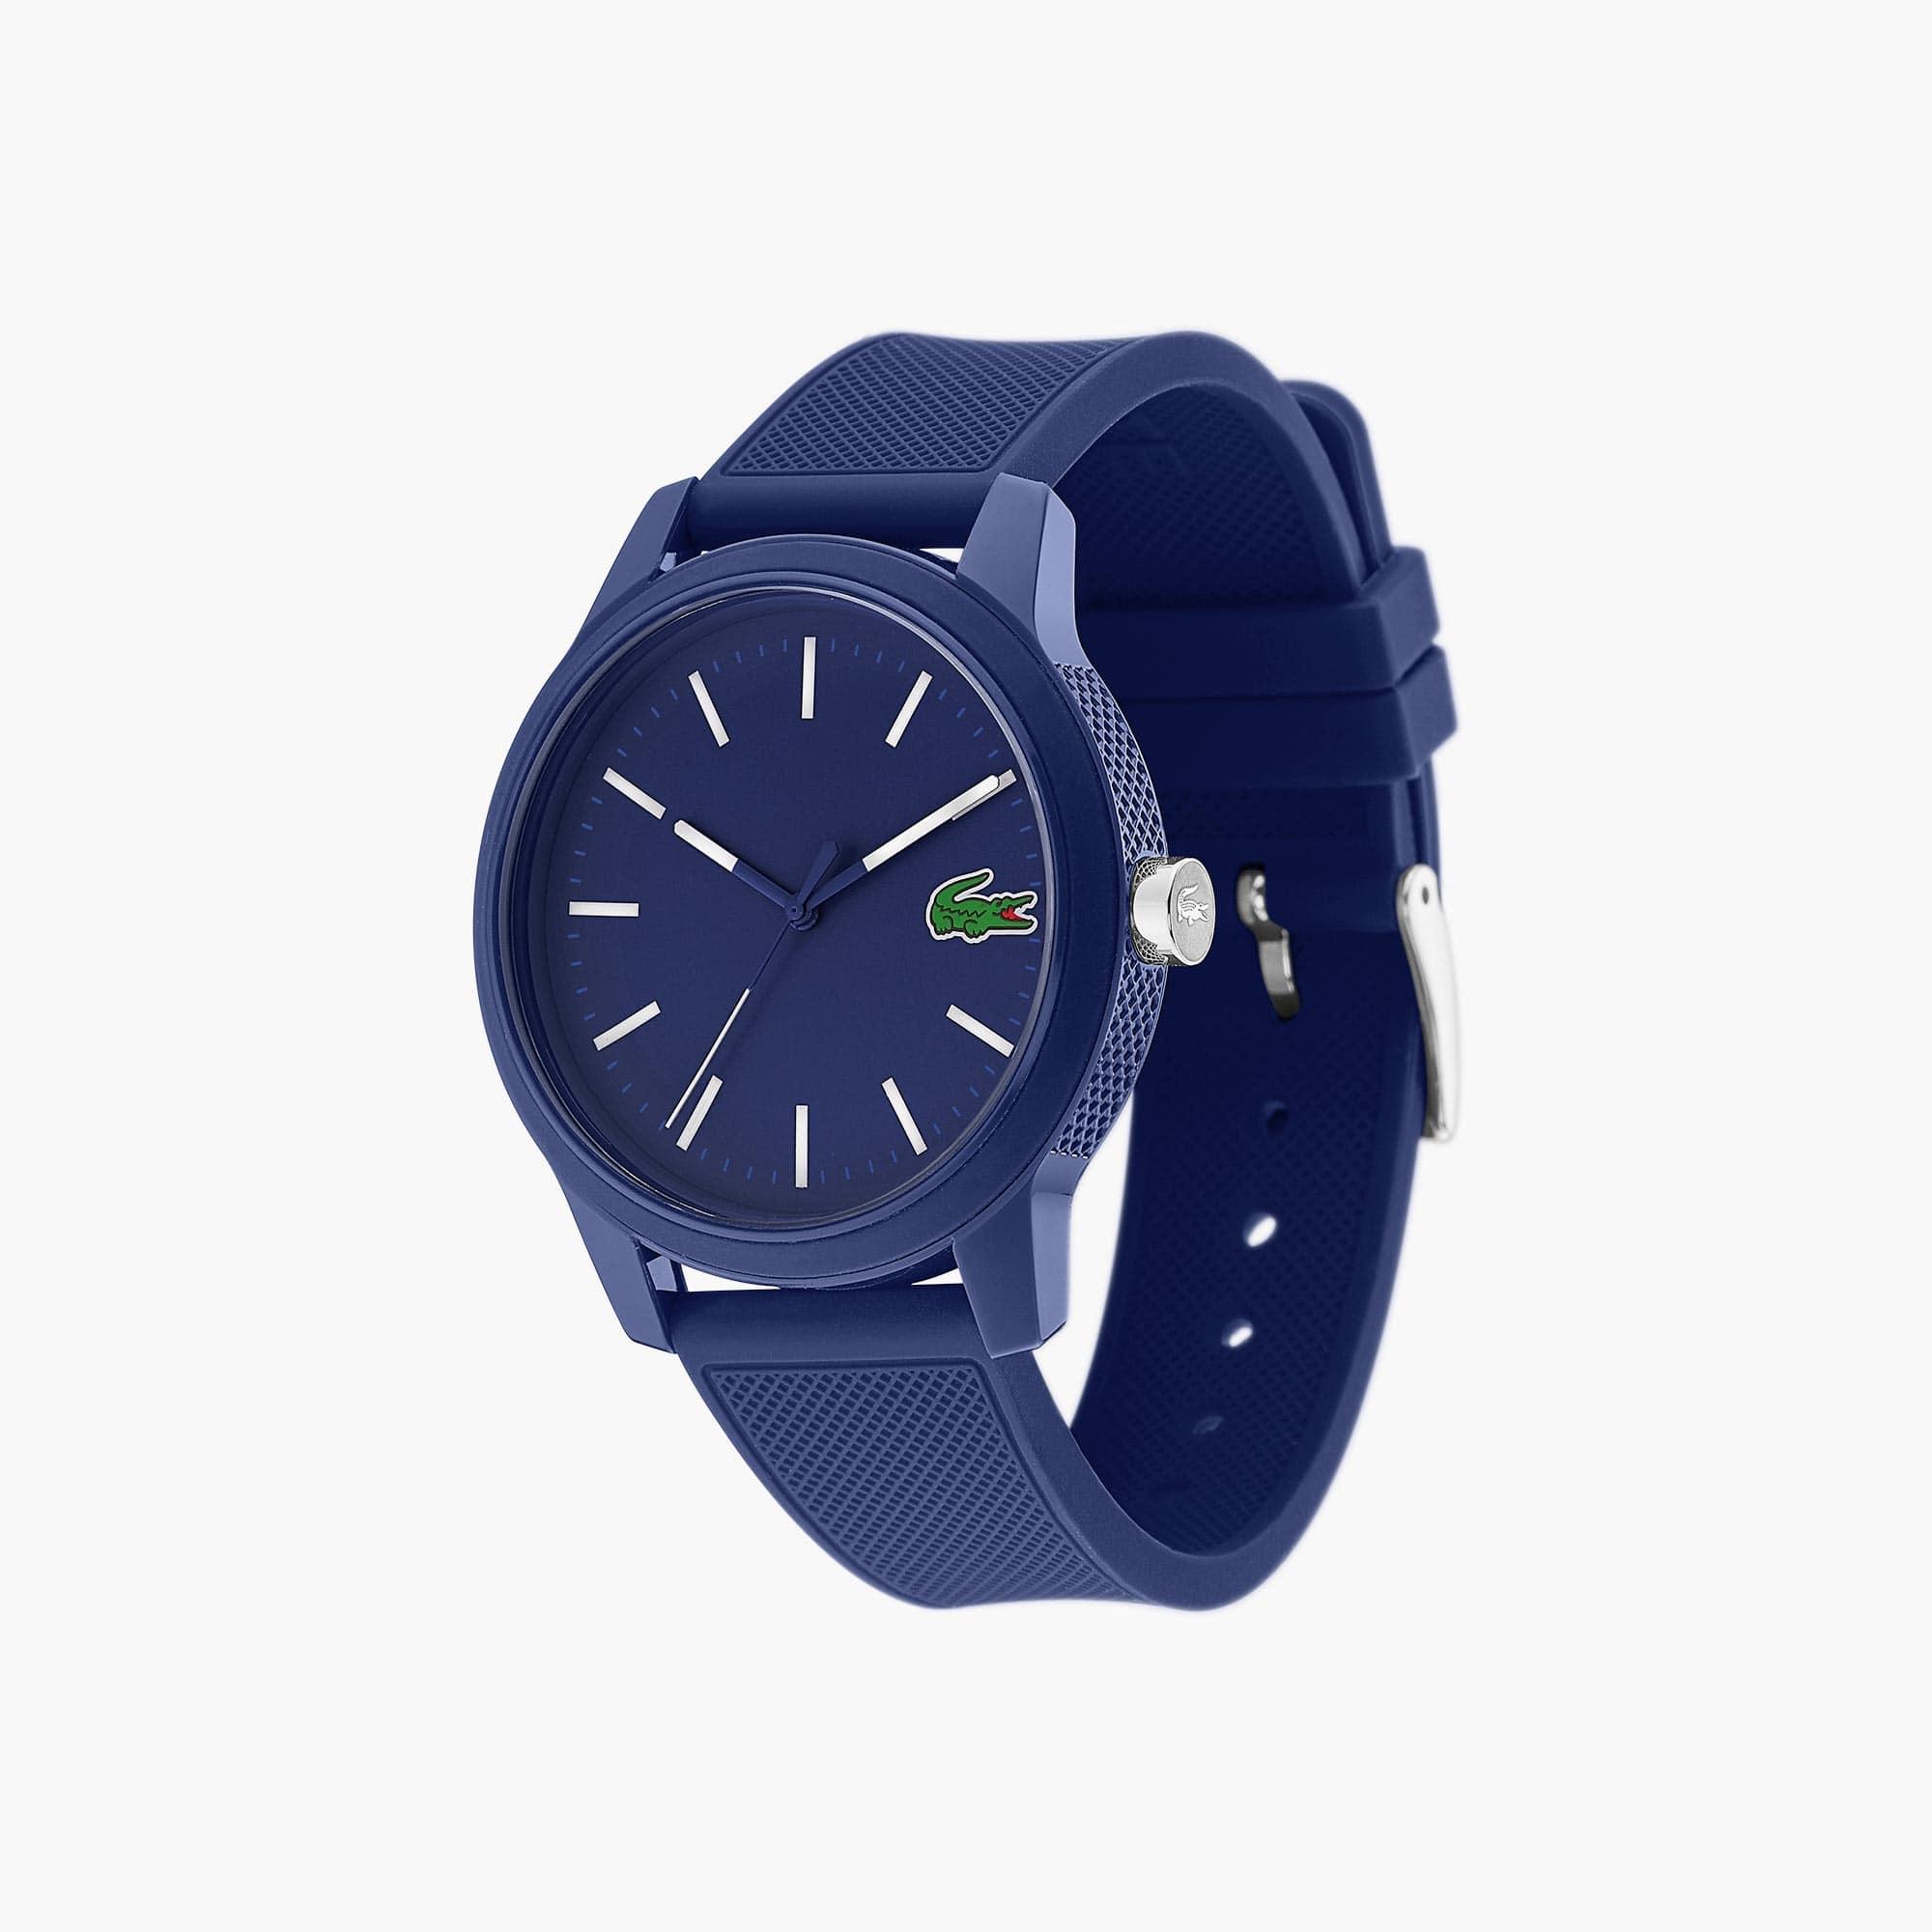 2374cbf3b4b Relógio Lacoste 12.12 de homem com bracelete de silicone azul